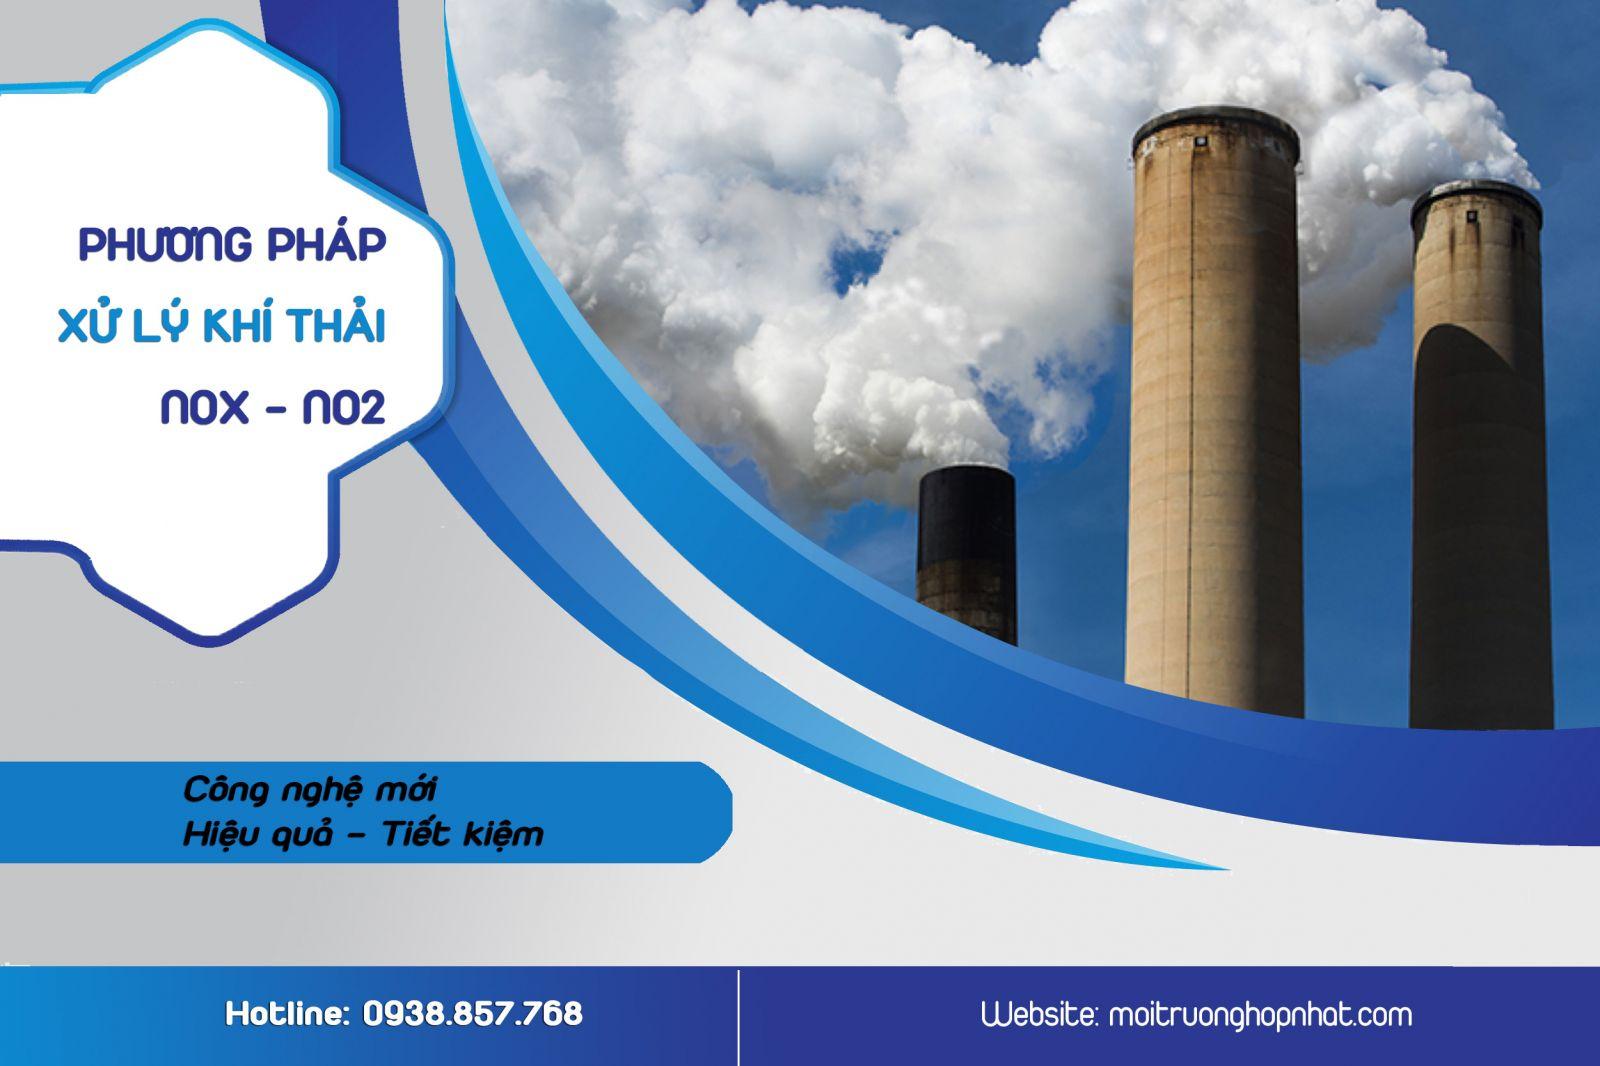 Phương pháp xử lý khí thải NOx và N02